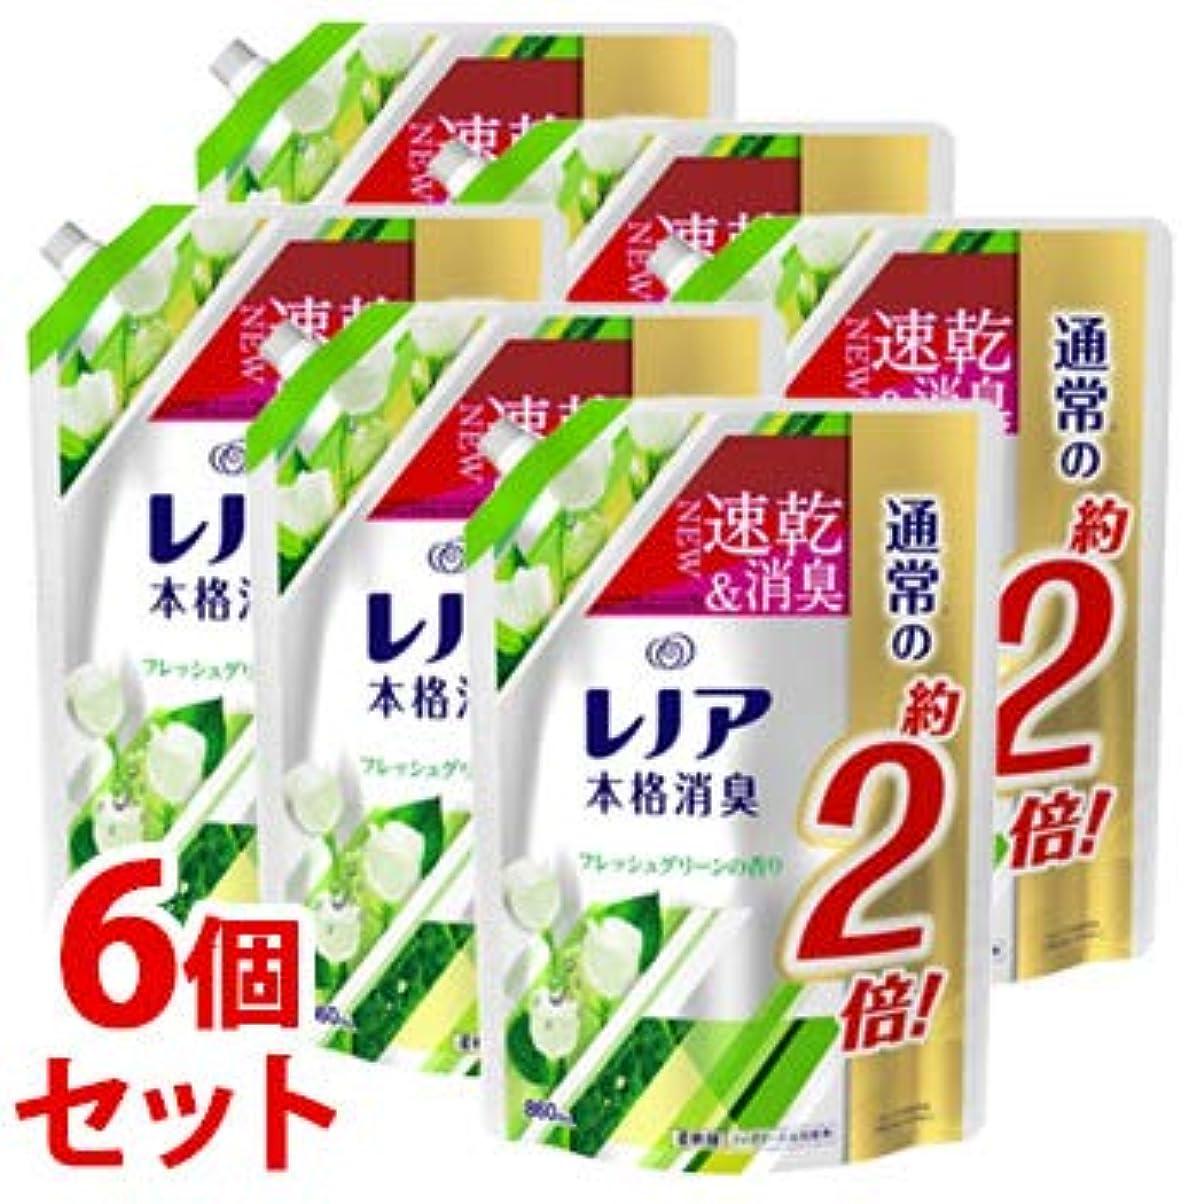 カナダ人生を作るすでに《セット販売》 P&G レノア 本格消臭 フレッシュグリーンの香り 特大サイズ つめかえ用 (860mL)×6個セット 詰め替え用 柔軟剤 【P&G】